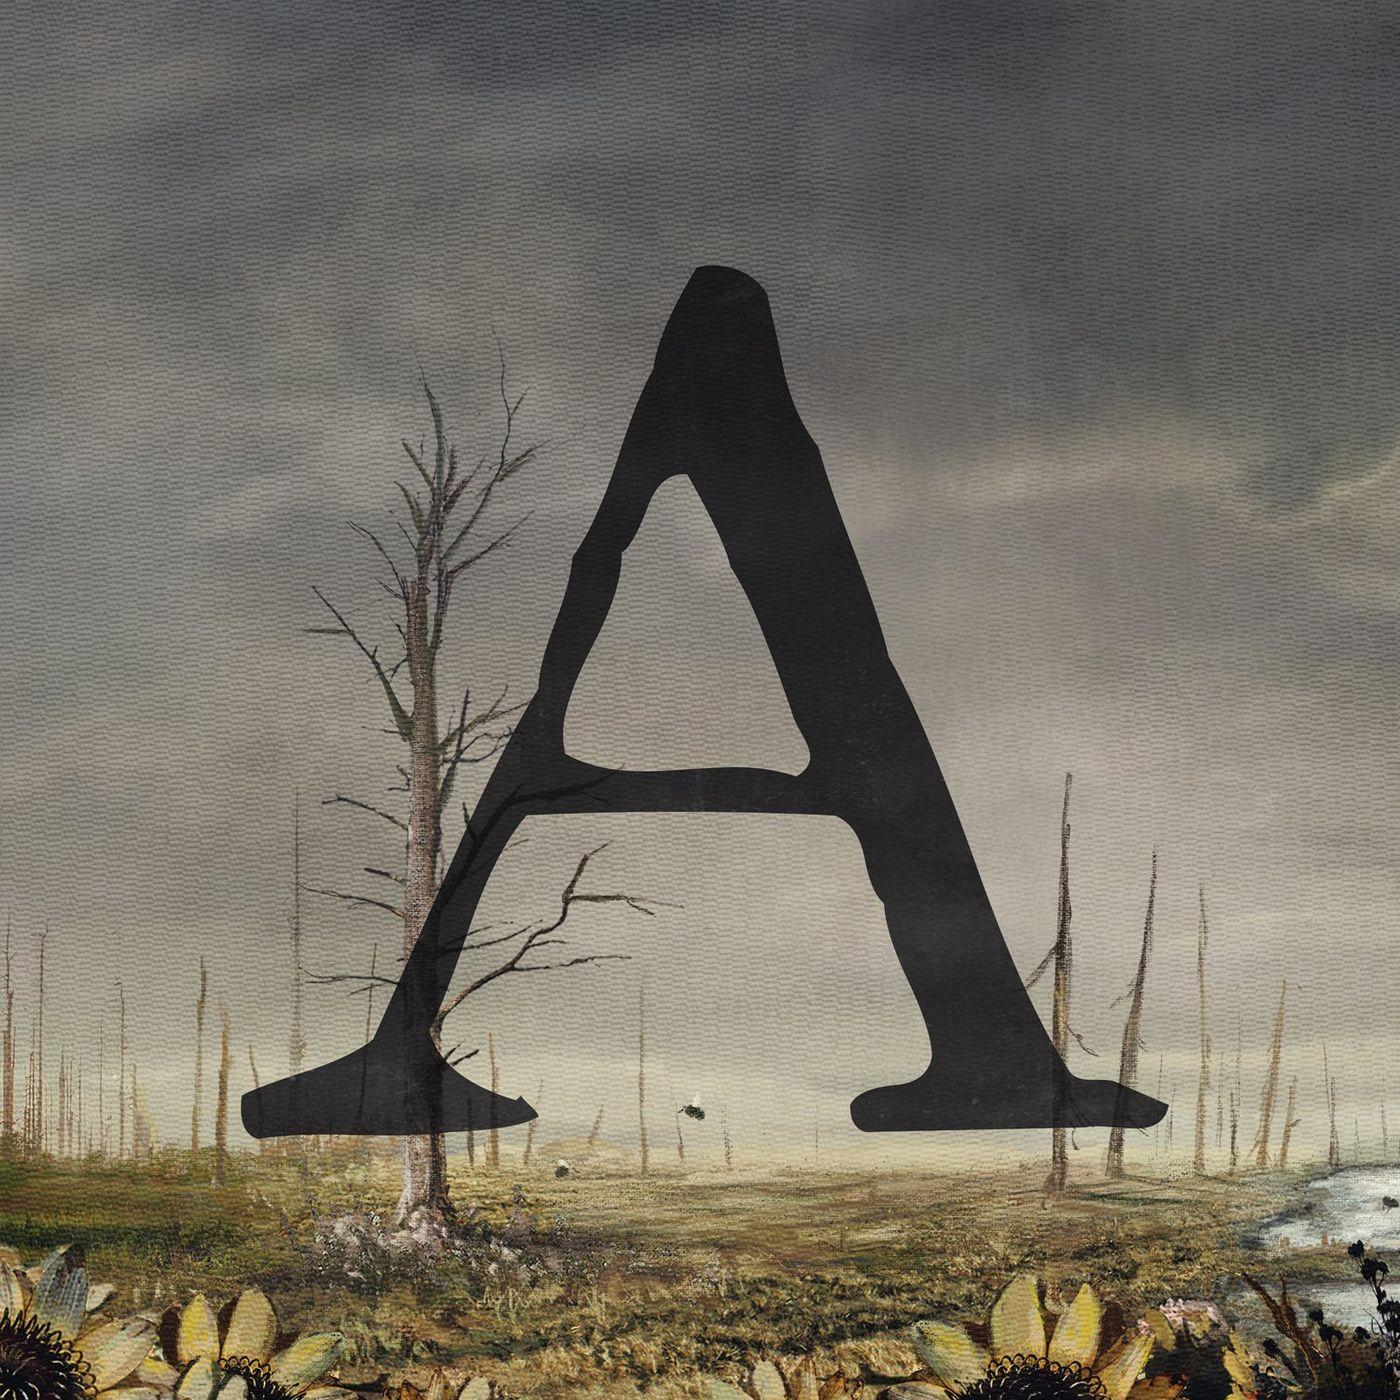 The Acacia Strain - A [single] (2020)